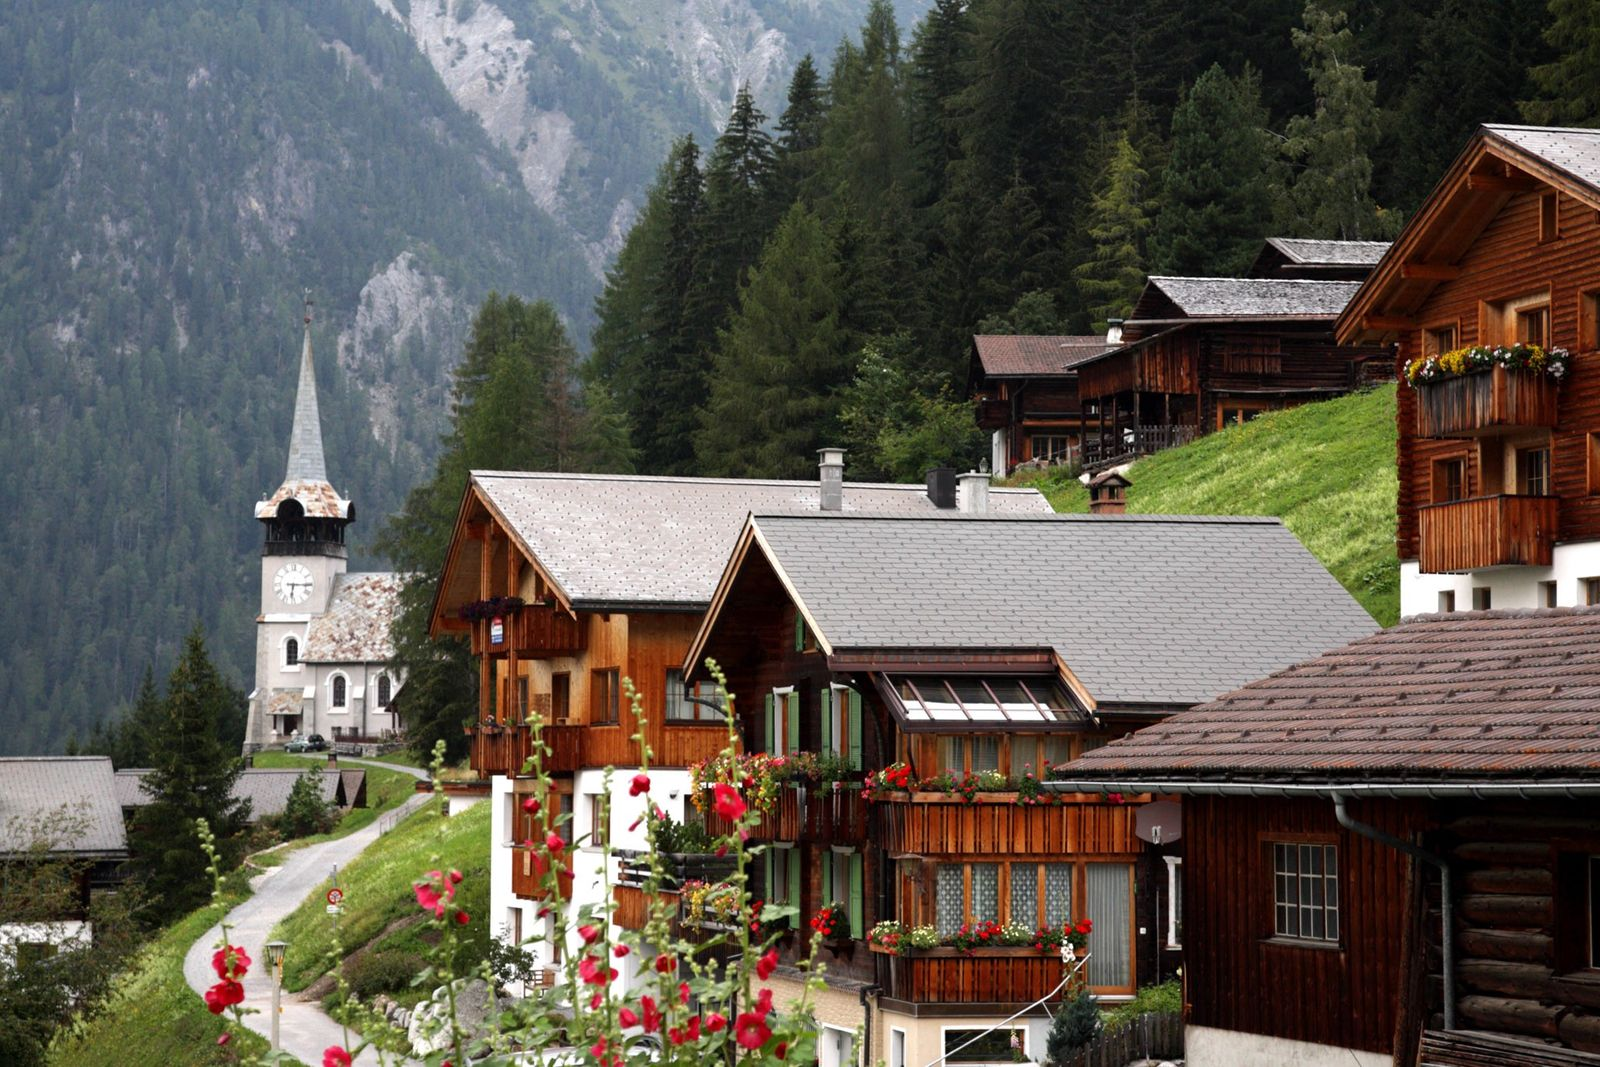 Das beschauliche Dorf Monstein liegt inmitten grüner Alpenwiesen und schneebedeckter Berggipfel.